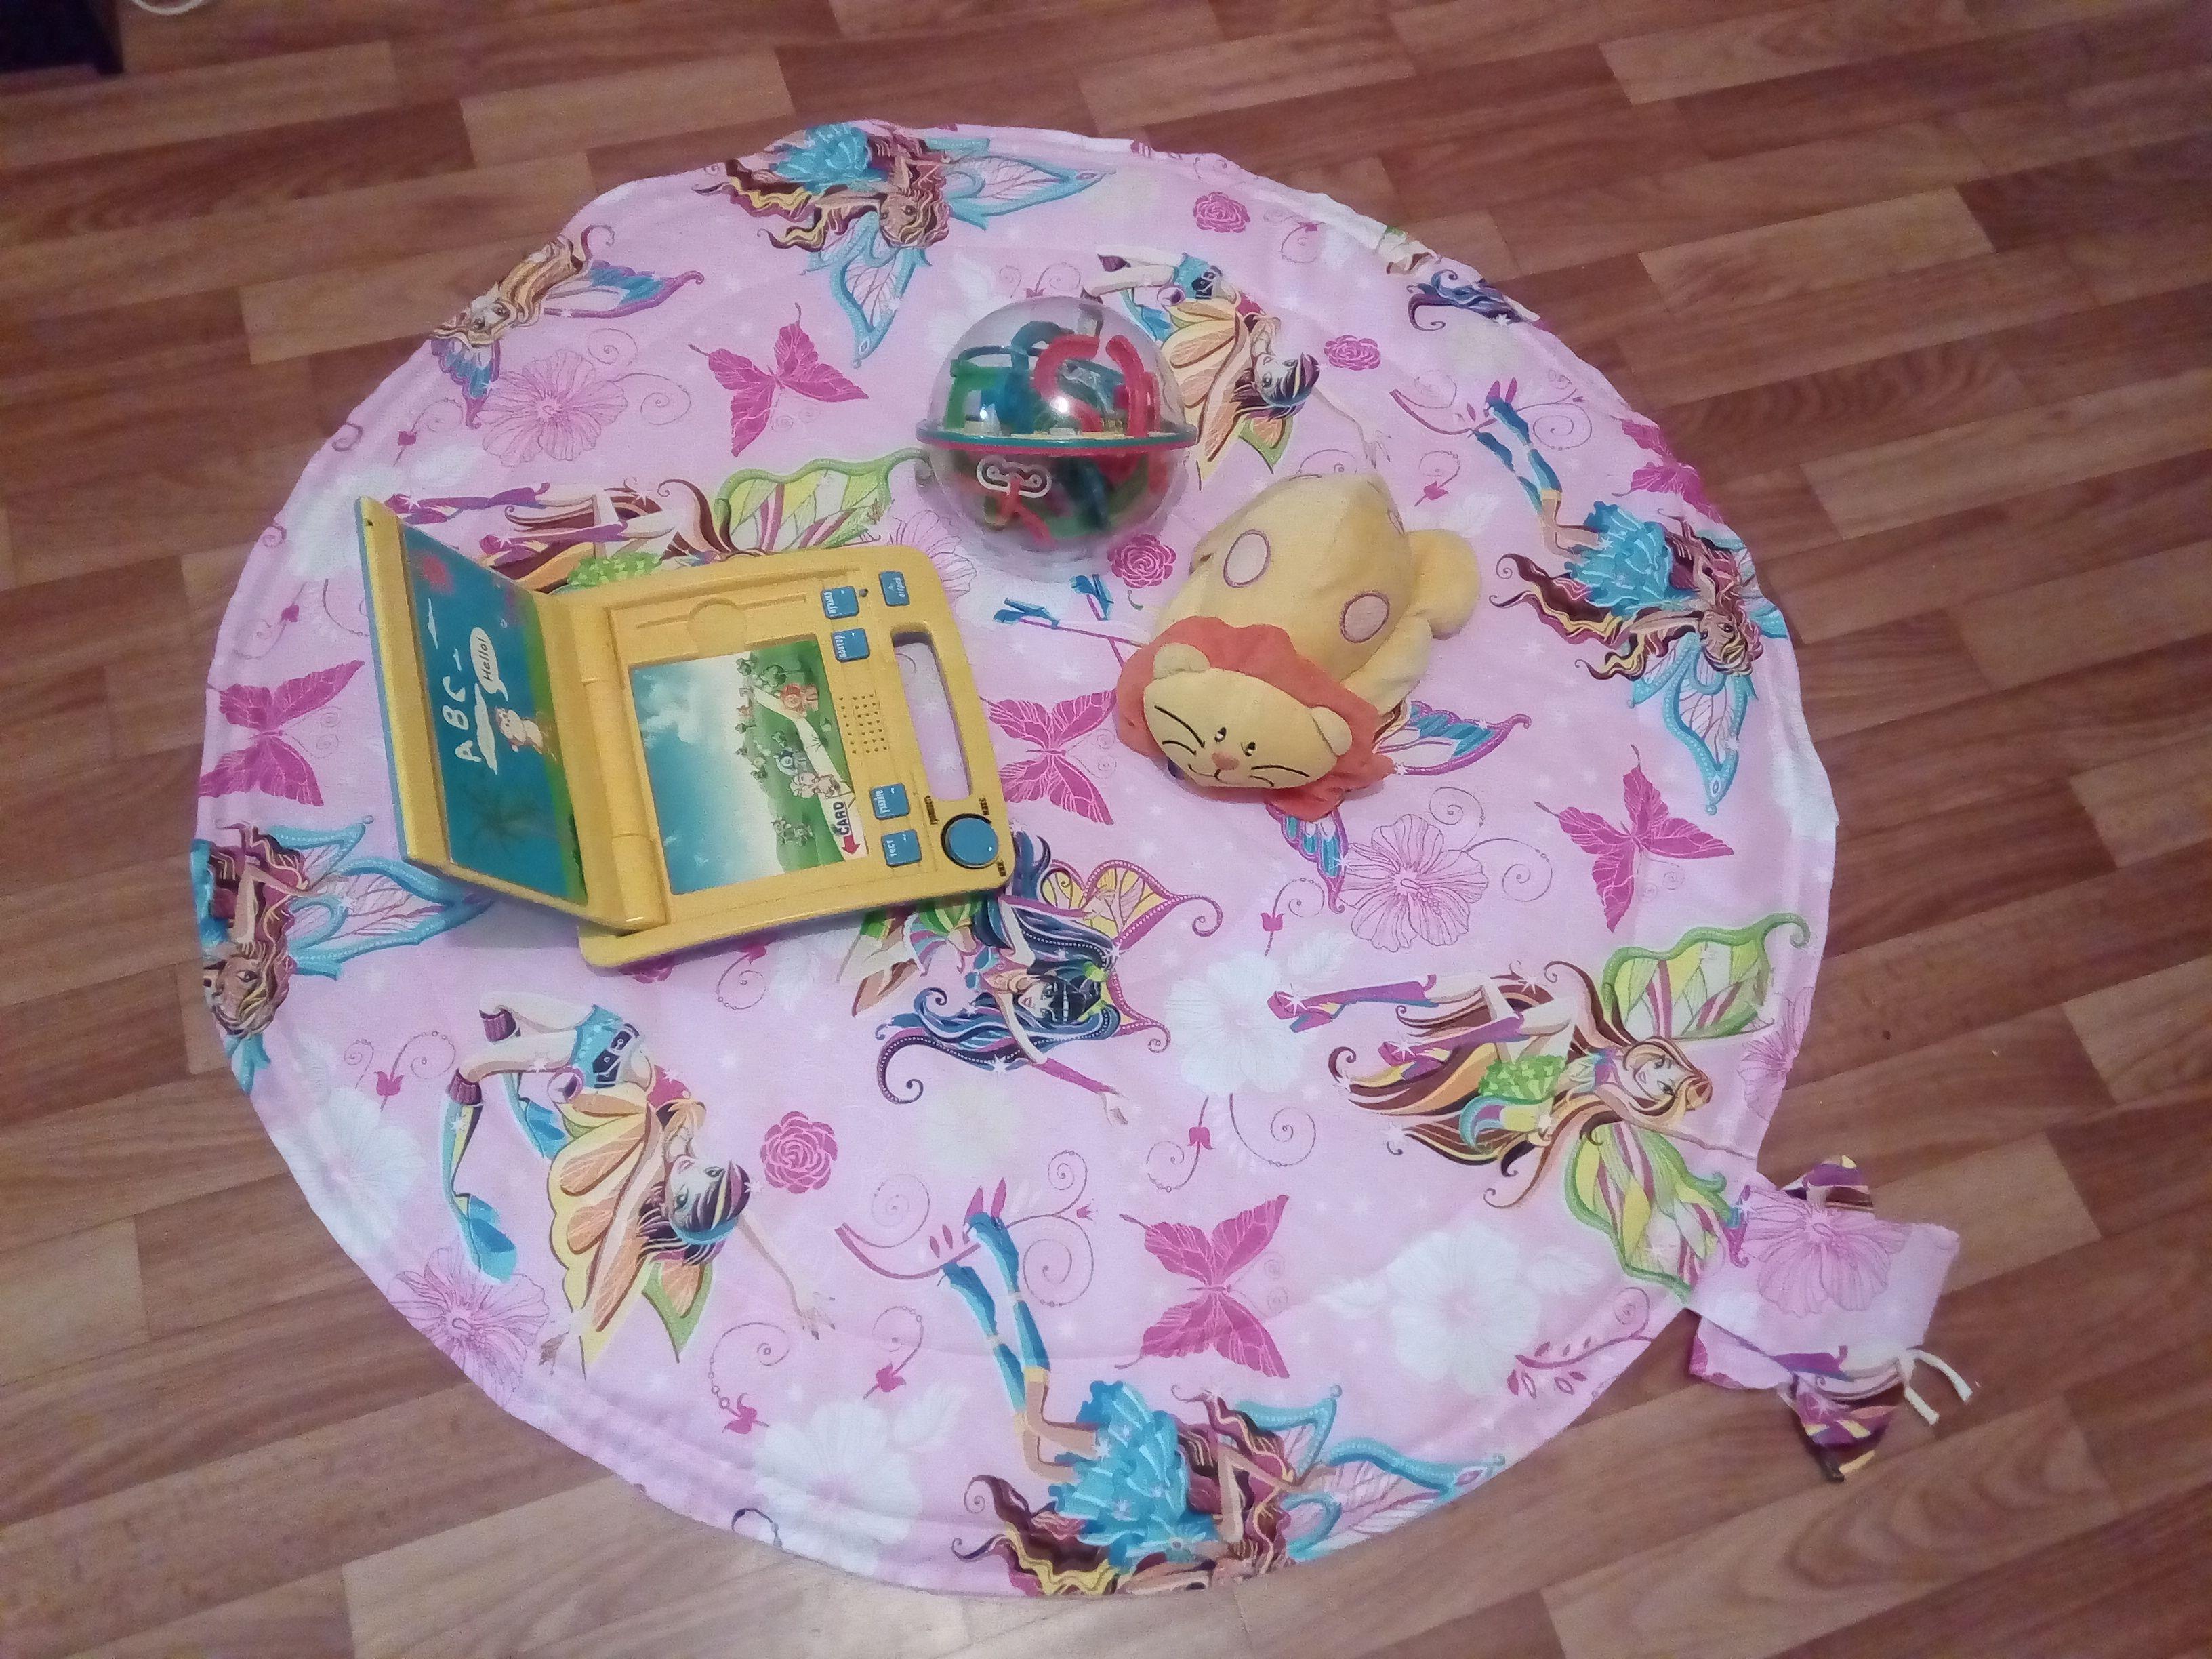 одеяло игра игрушки коврик дети